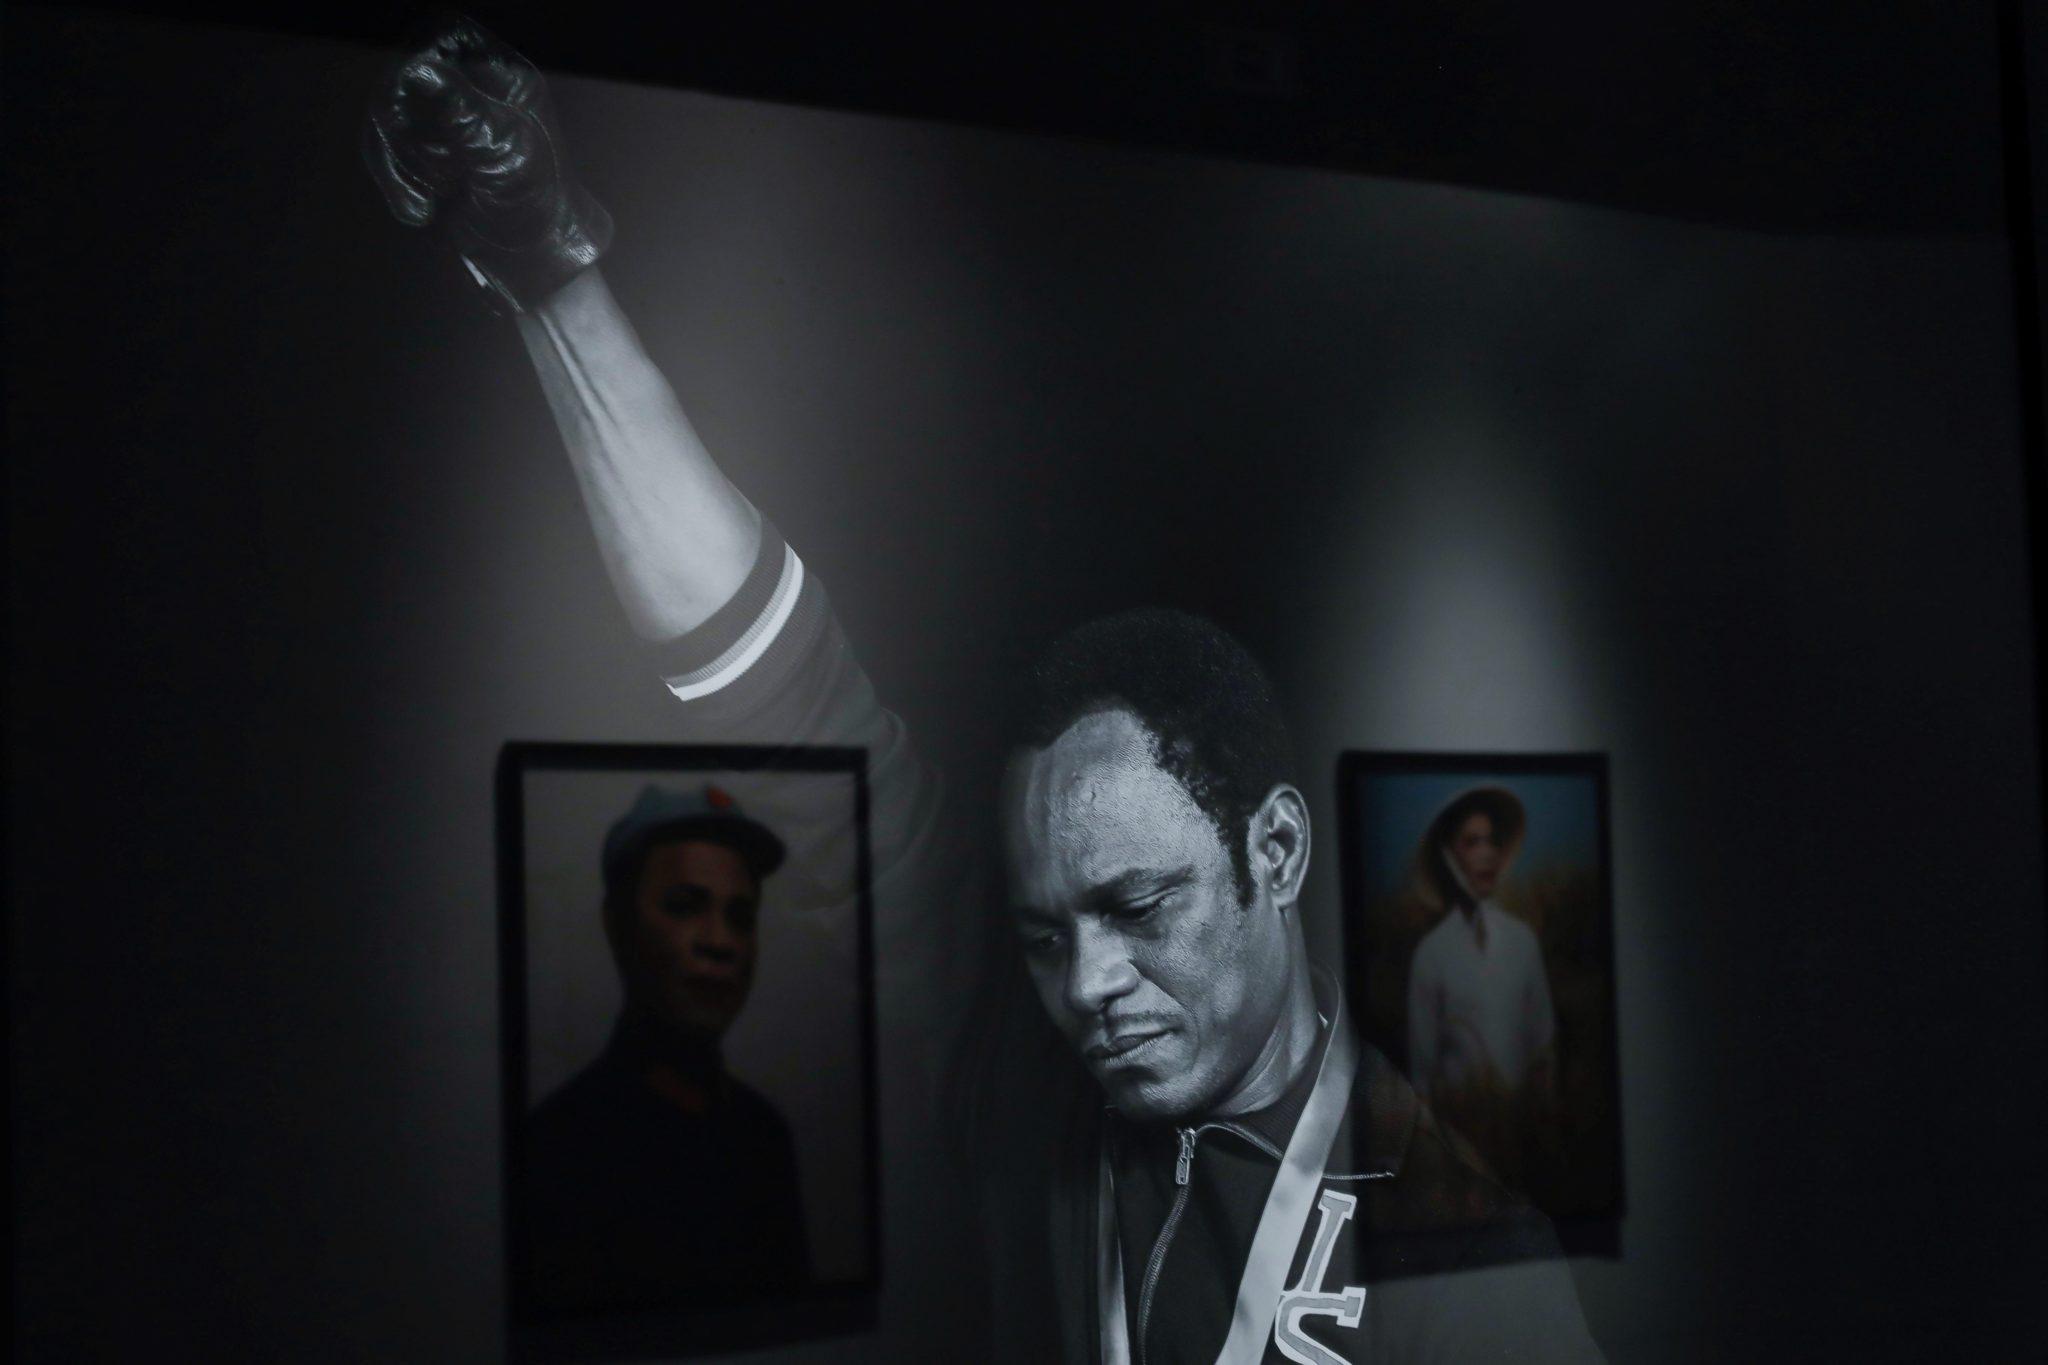 Madryt: wystawa zdjęć fotografa - Kameruńczyka Samuela Fosso pt.